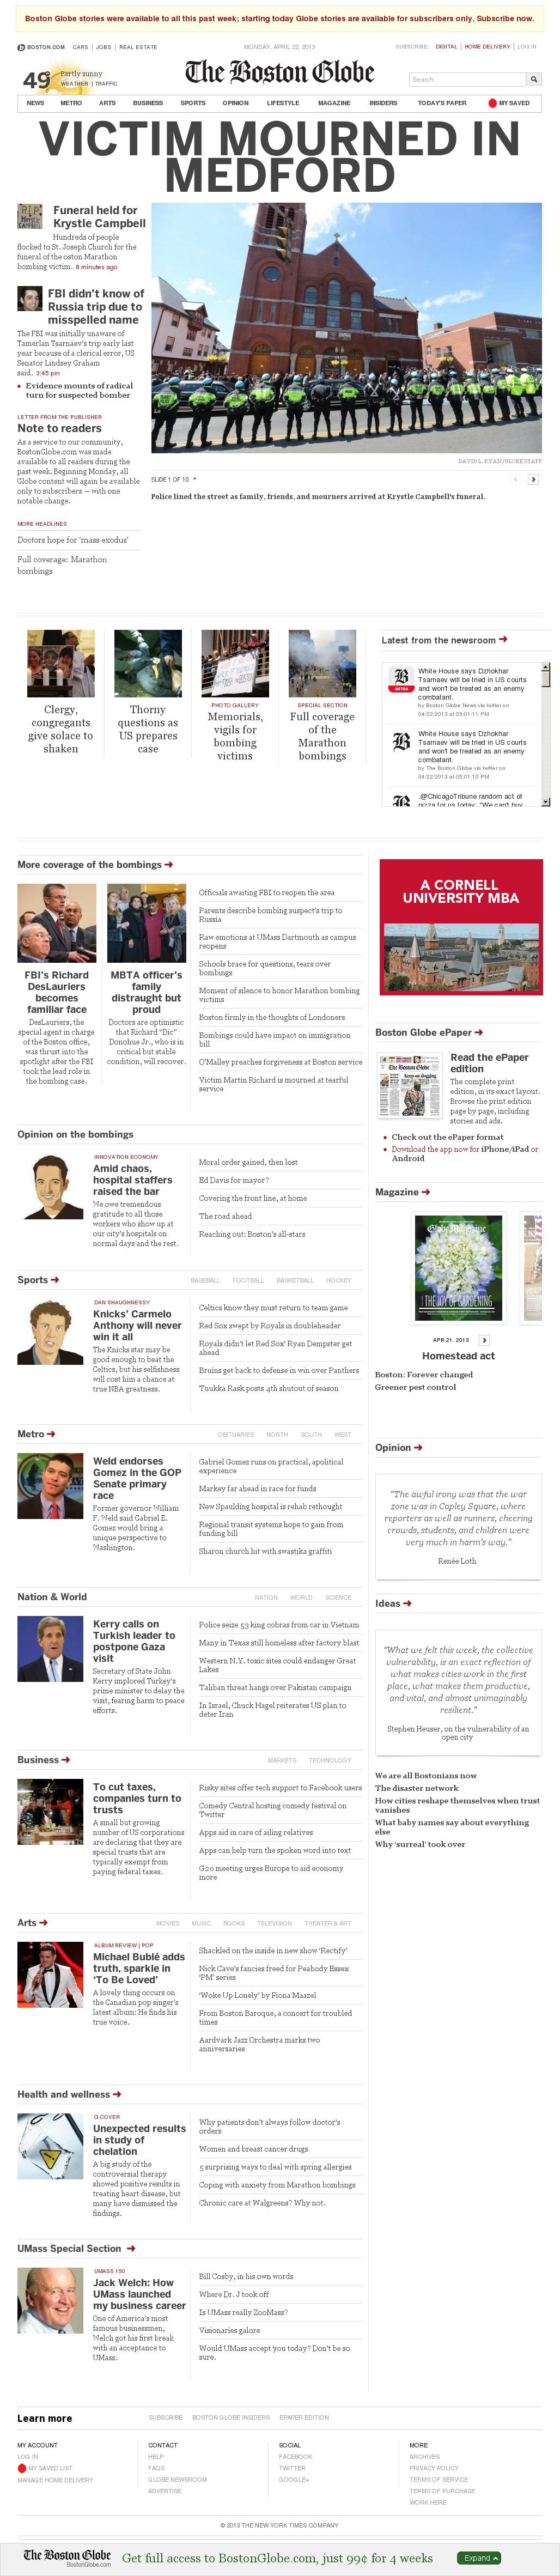 The Boston Globe at Monday April 22, 2013, 5:02 p.m. UTC